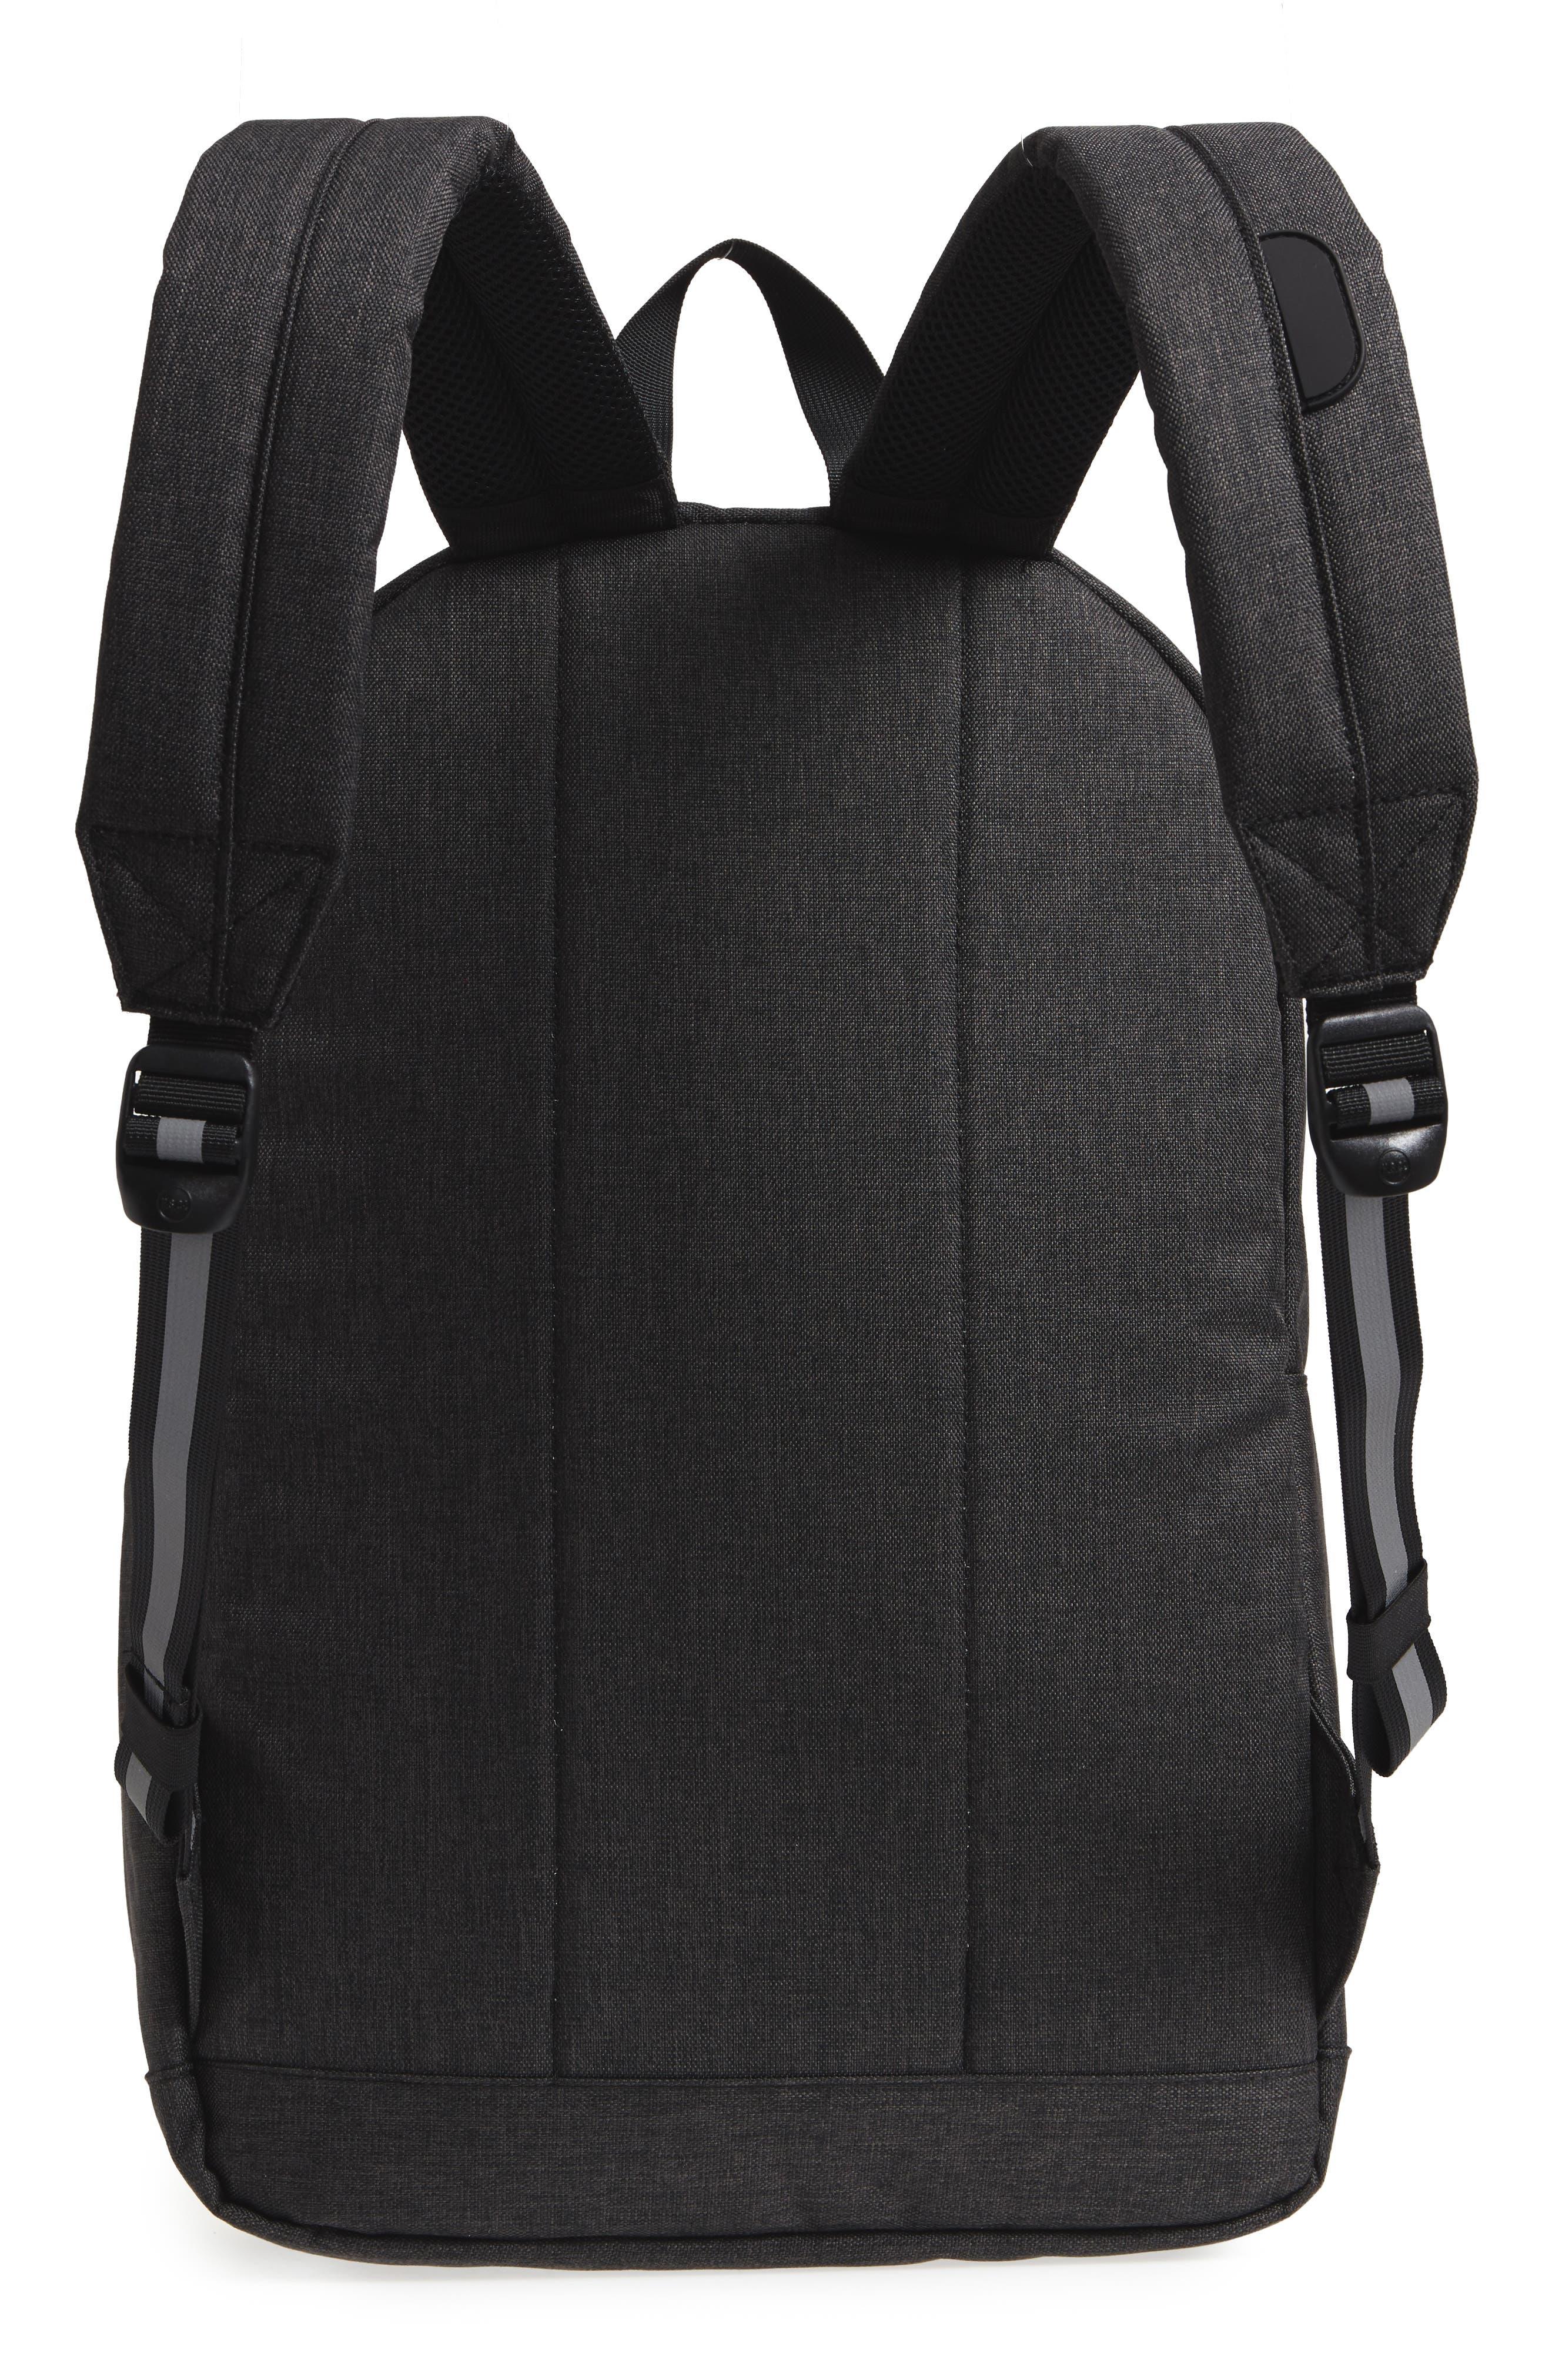 Alternate Image 4  - Herschel Supply Co. Pop Quiz - Reflective Backpack